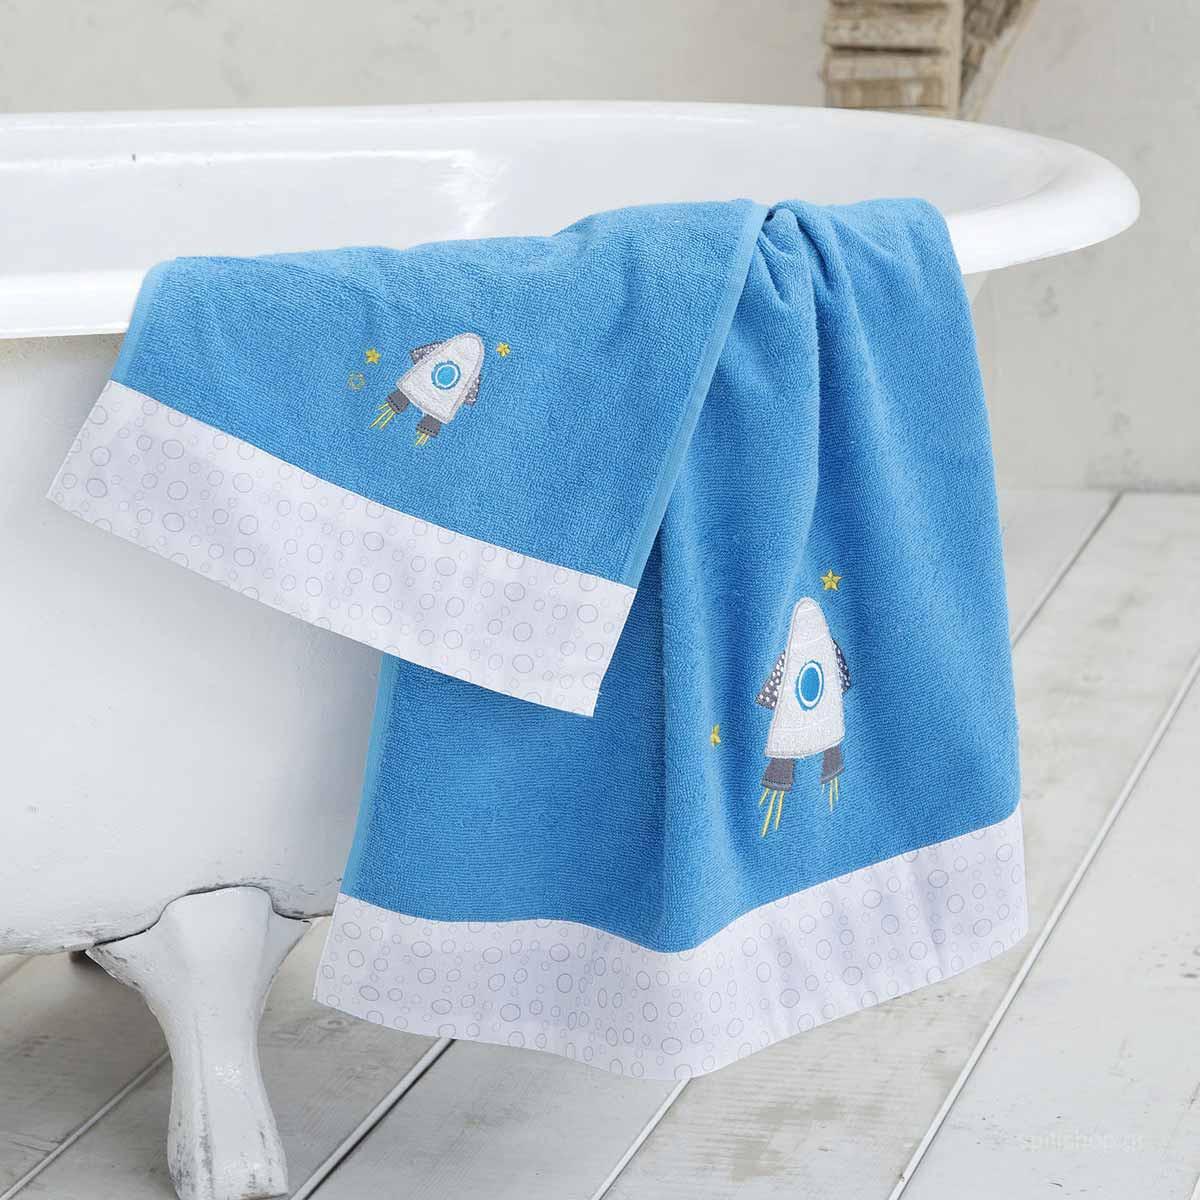 Παιδικές Πετσέτες (Σετ 3τμχ) Nima Kids Fleeky home   παιδικά   πετσέτες παιδικές